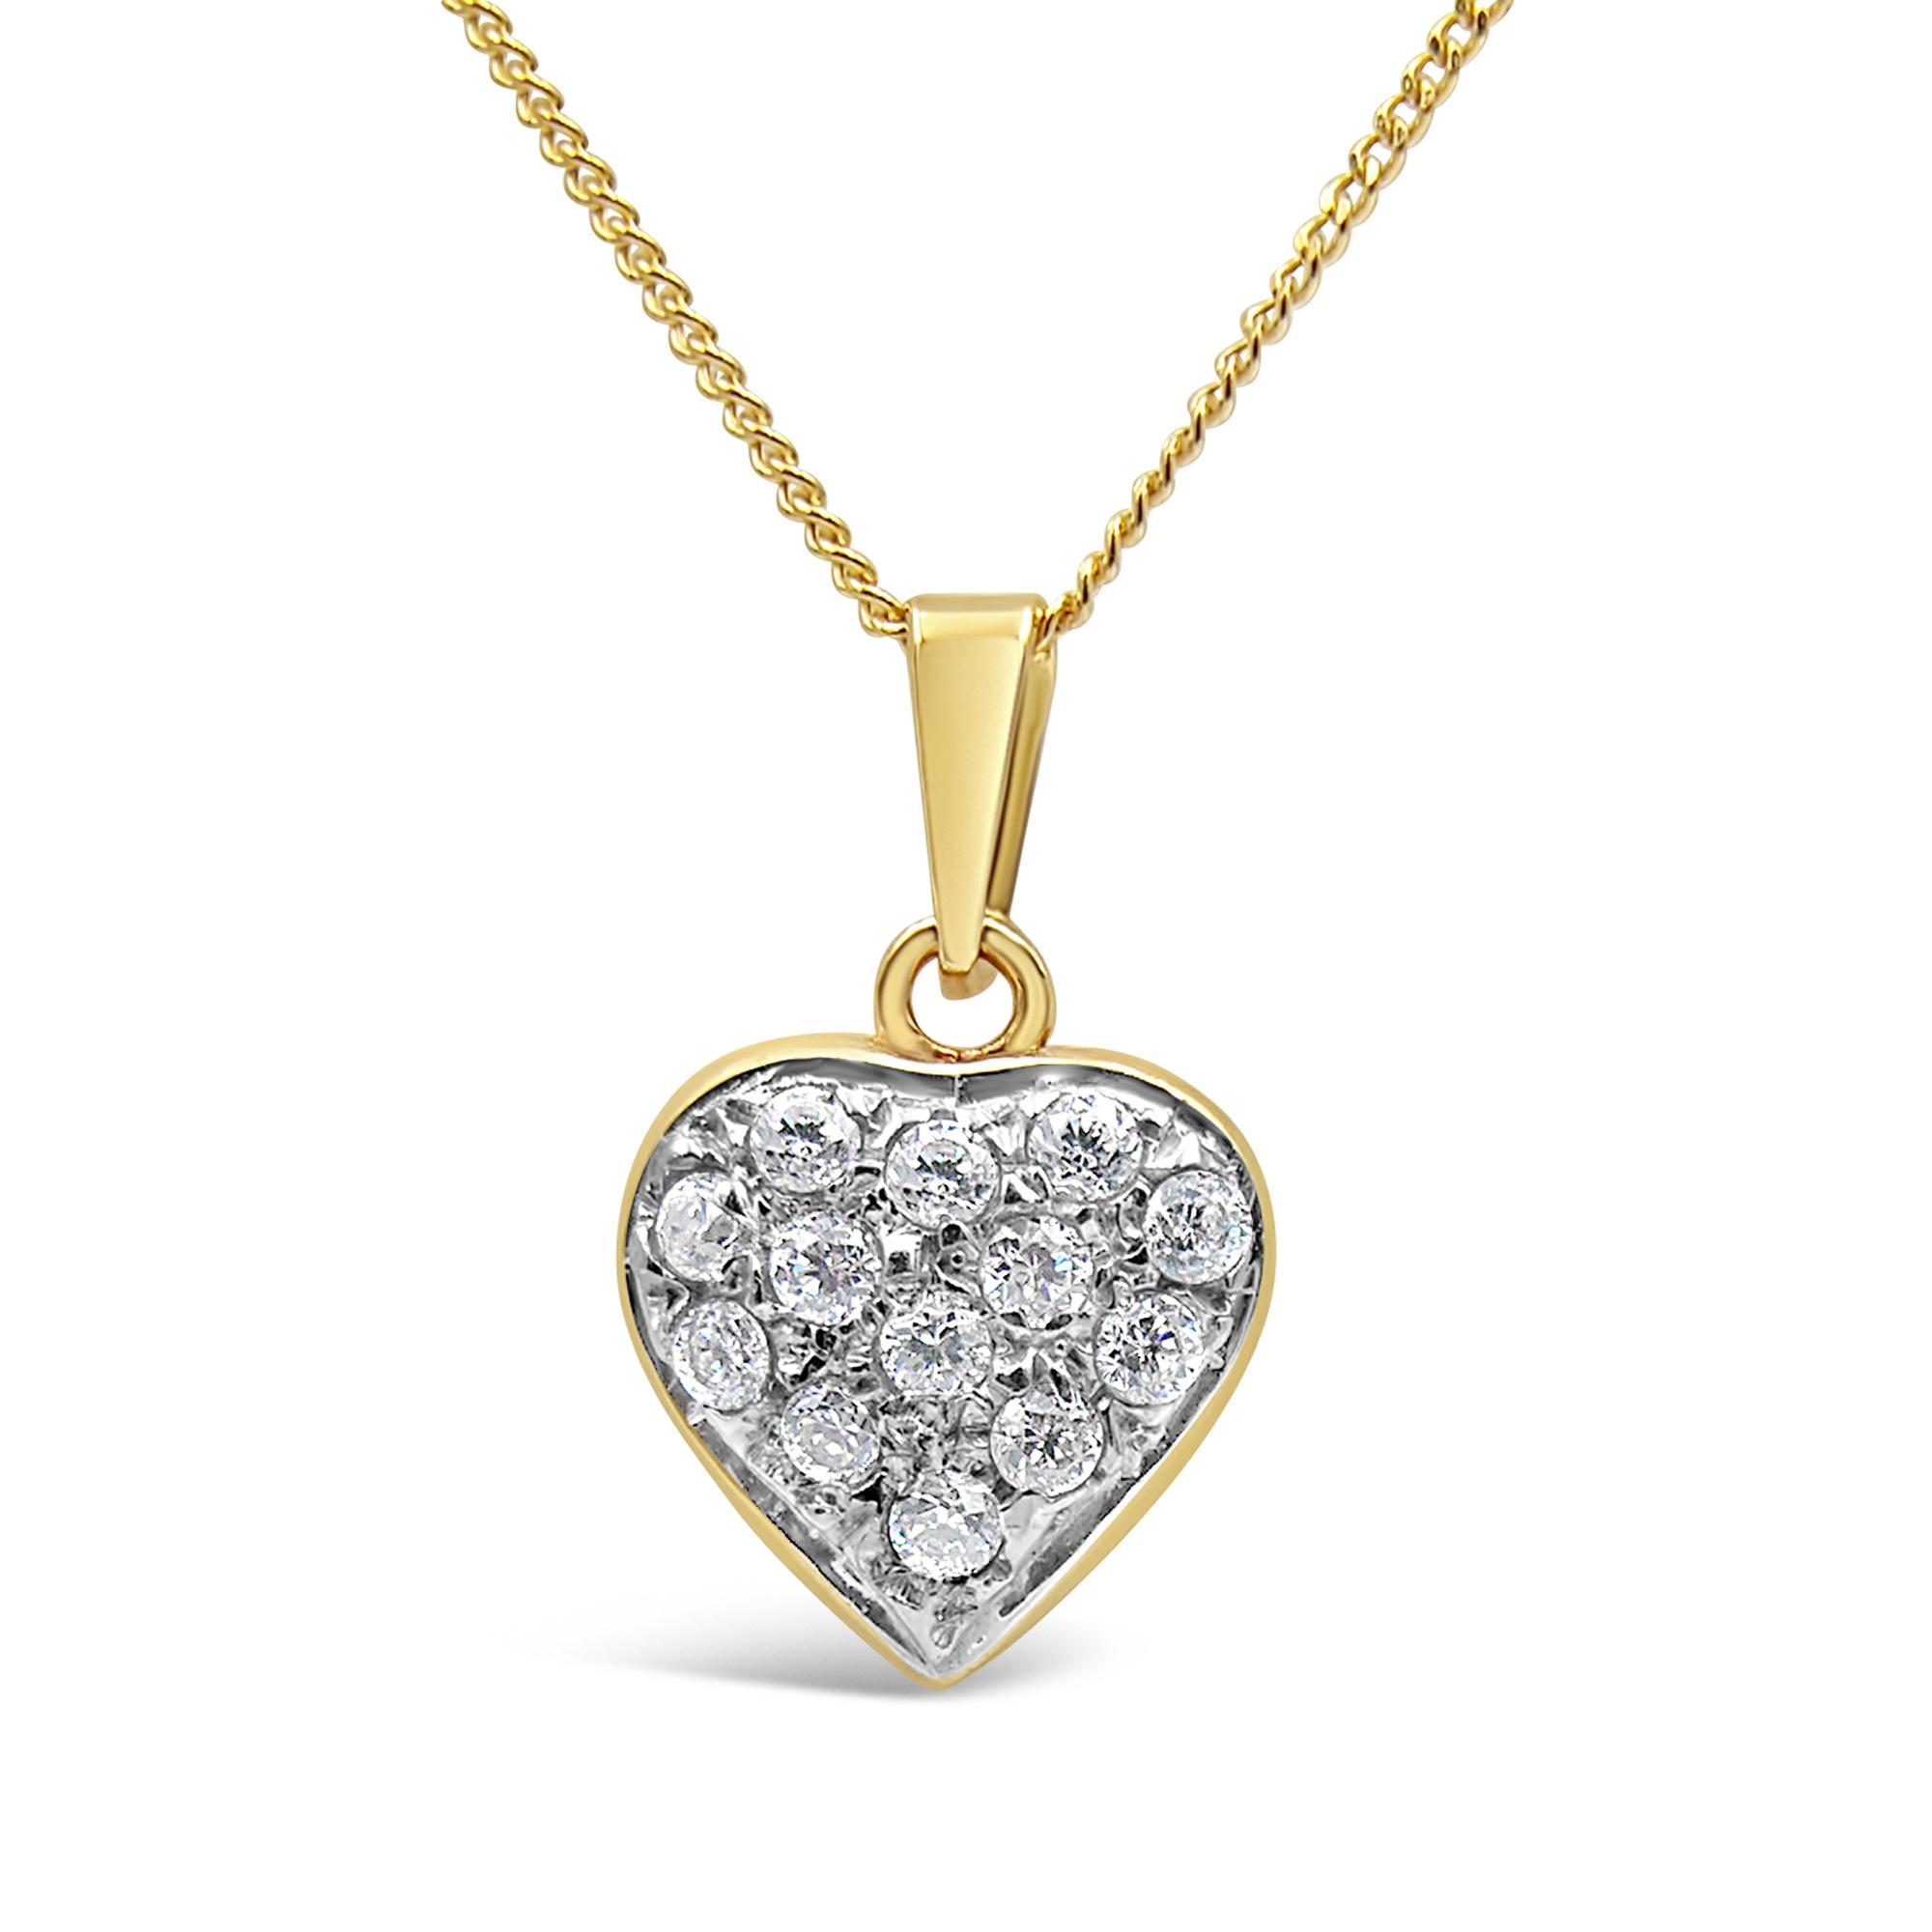 18 karaat geel en wit goud hart hanger met zirkonia